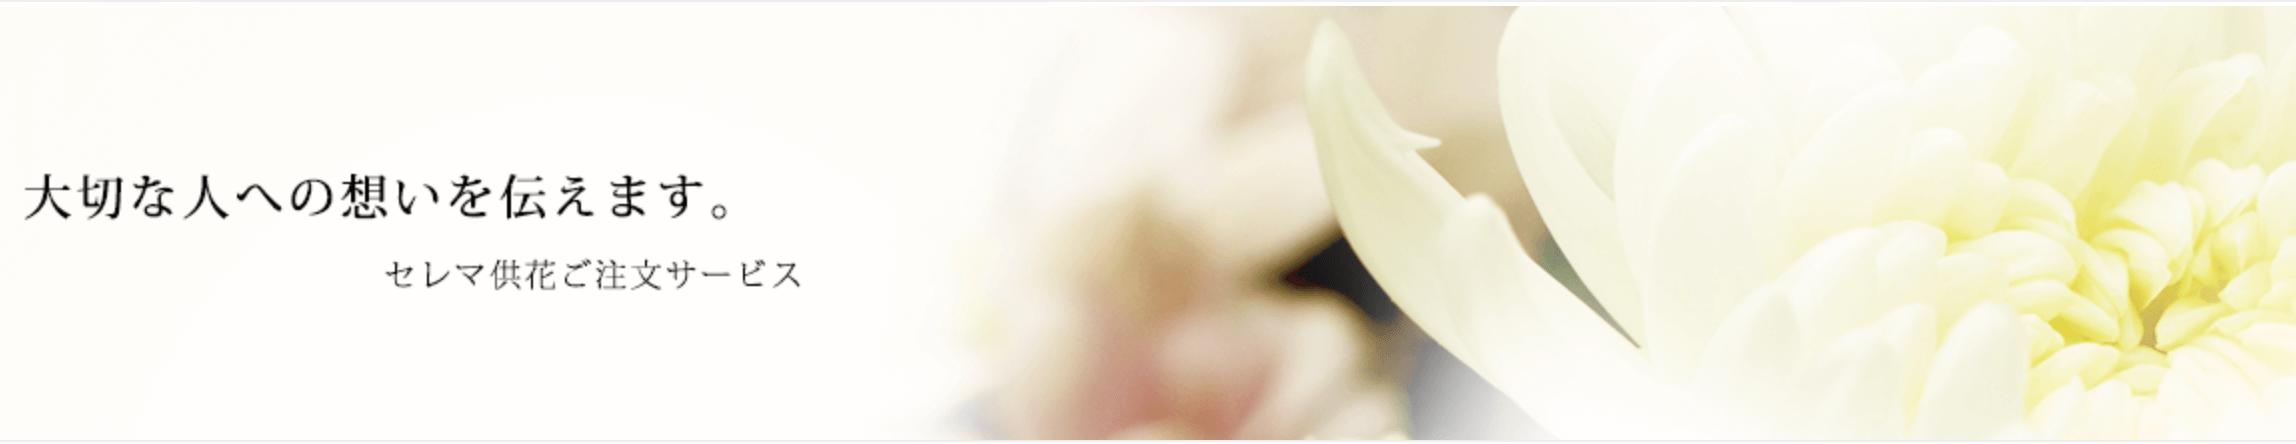 供花の値段や種類を選ぶだけで贈ることができる